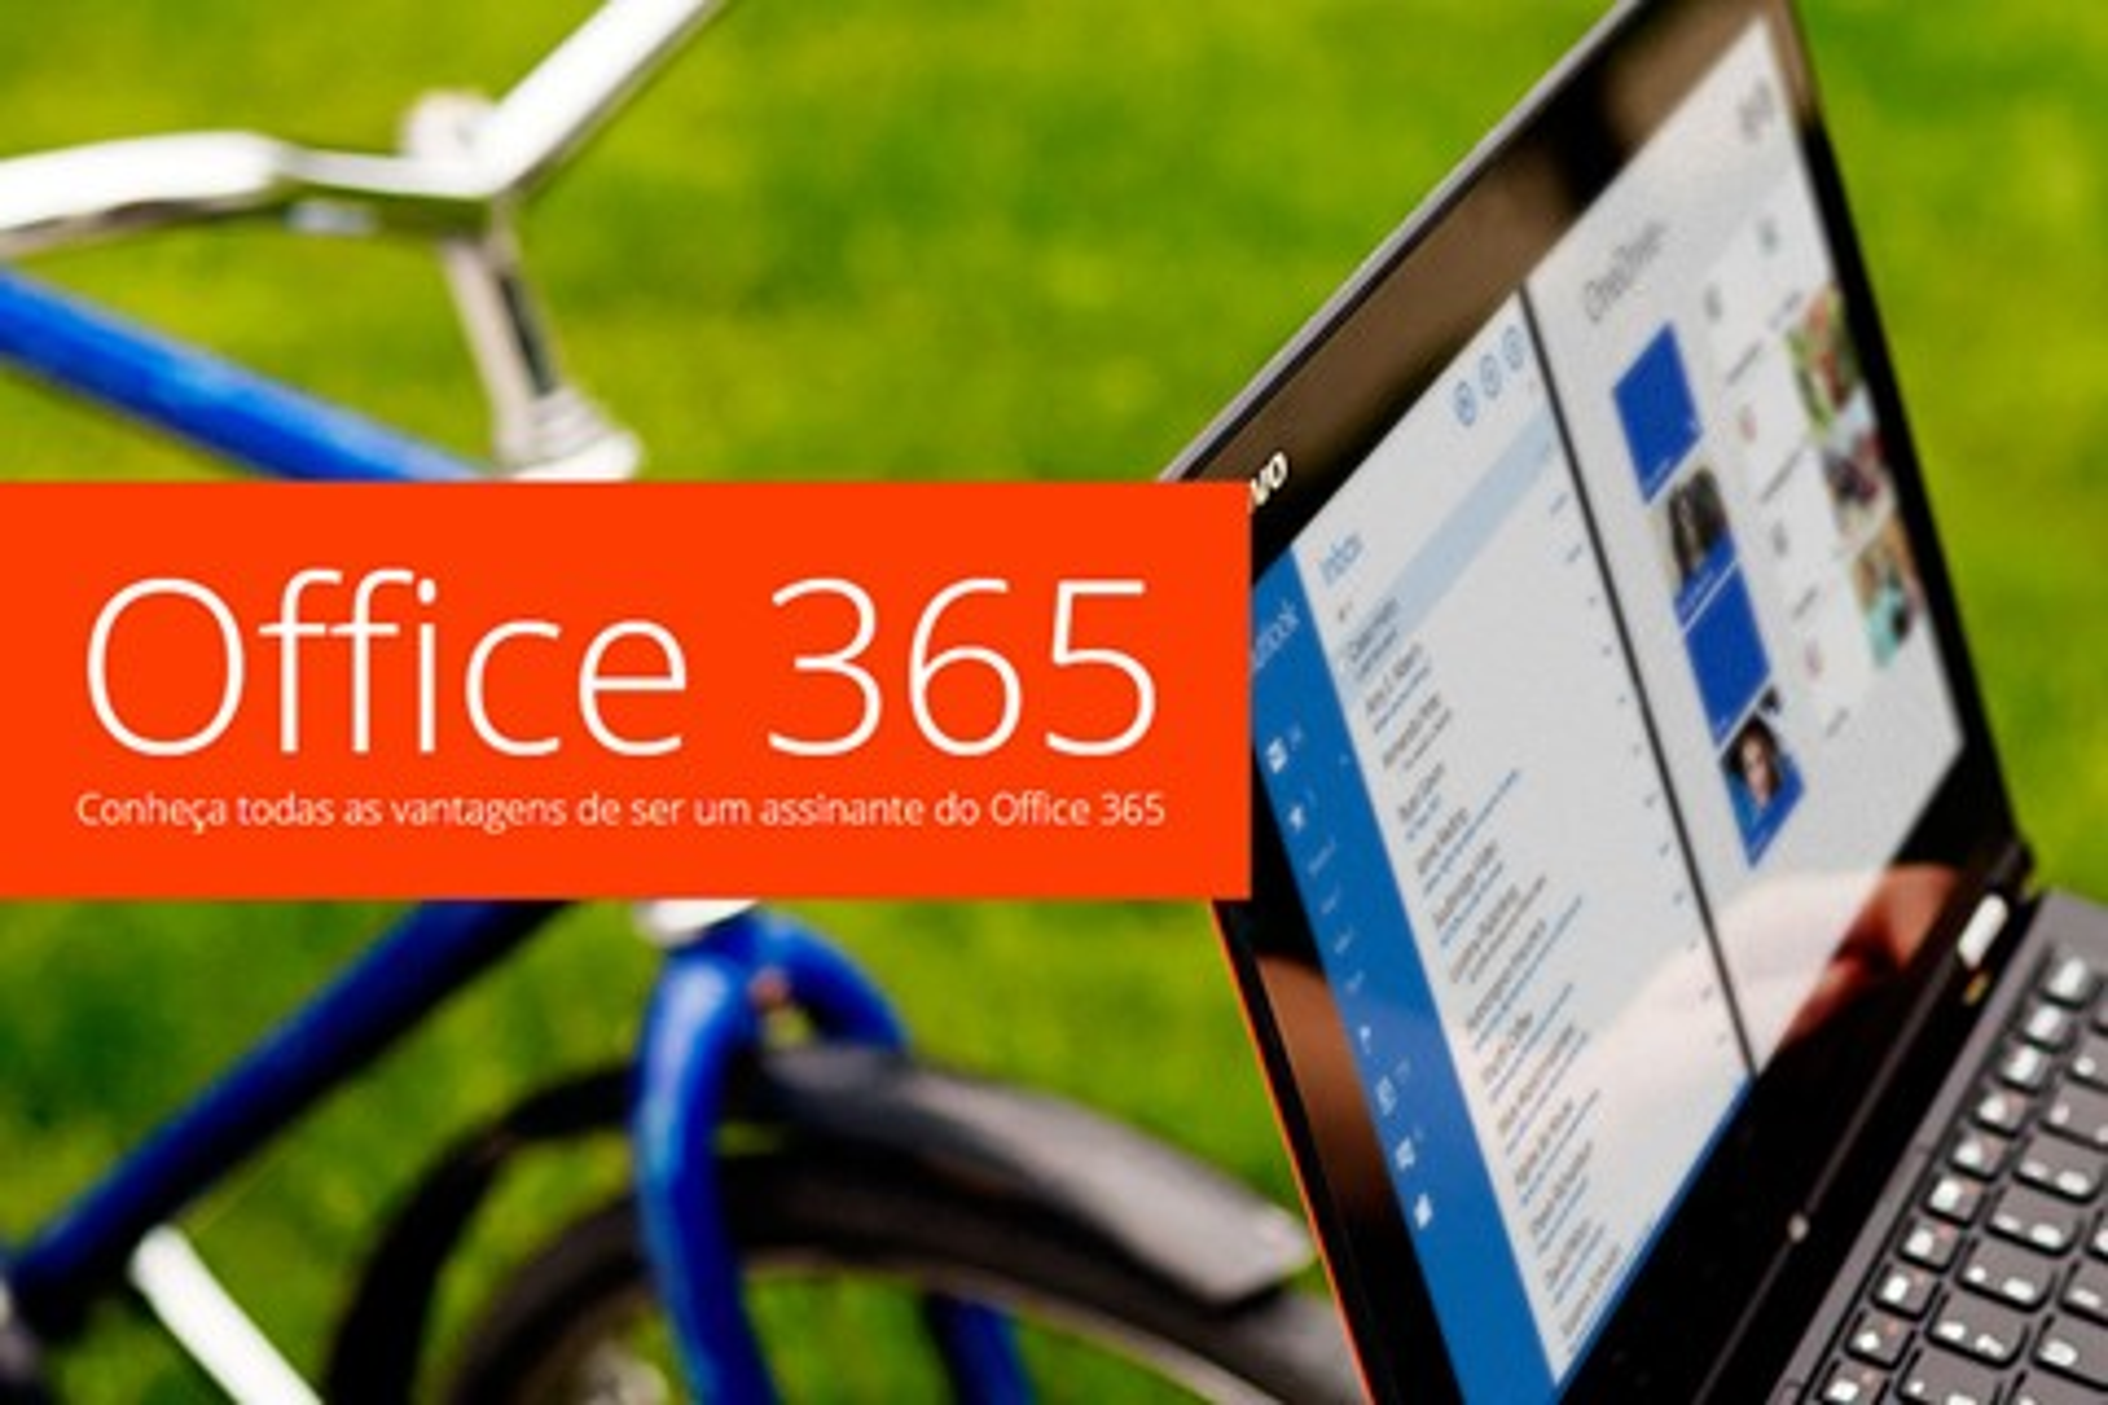 Imagem de Tenha o pacote Office, 1 TB no OneDrive e minutos no Skype por R$ 24 ao mês no tecmundo